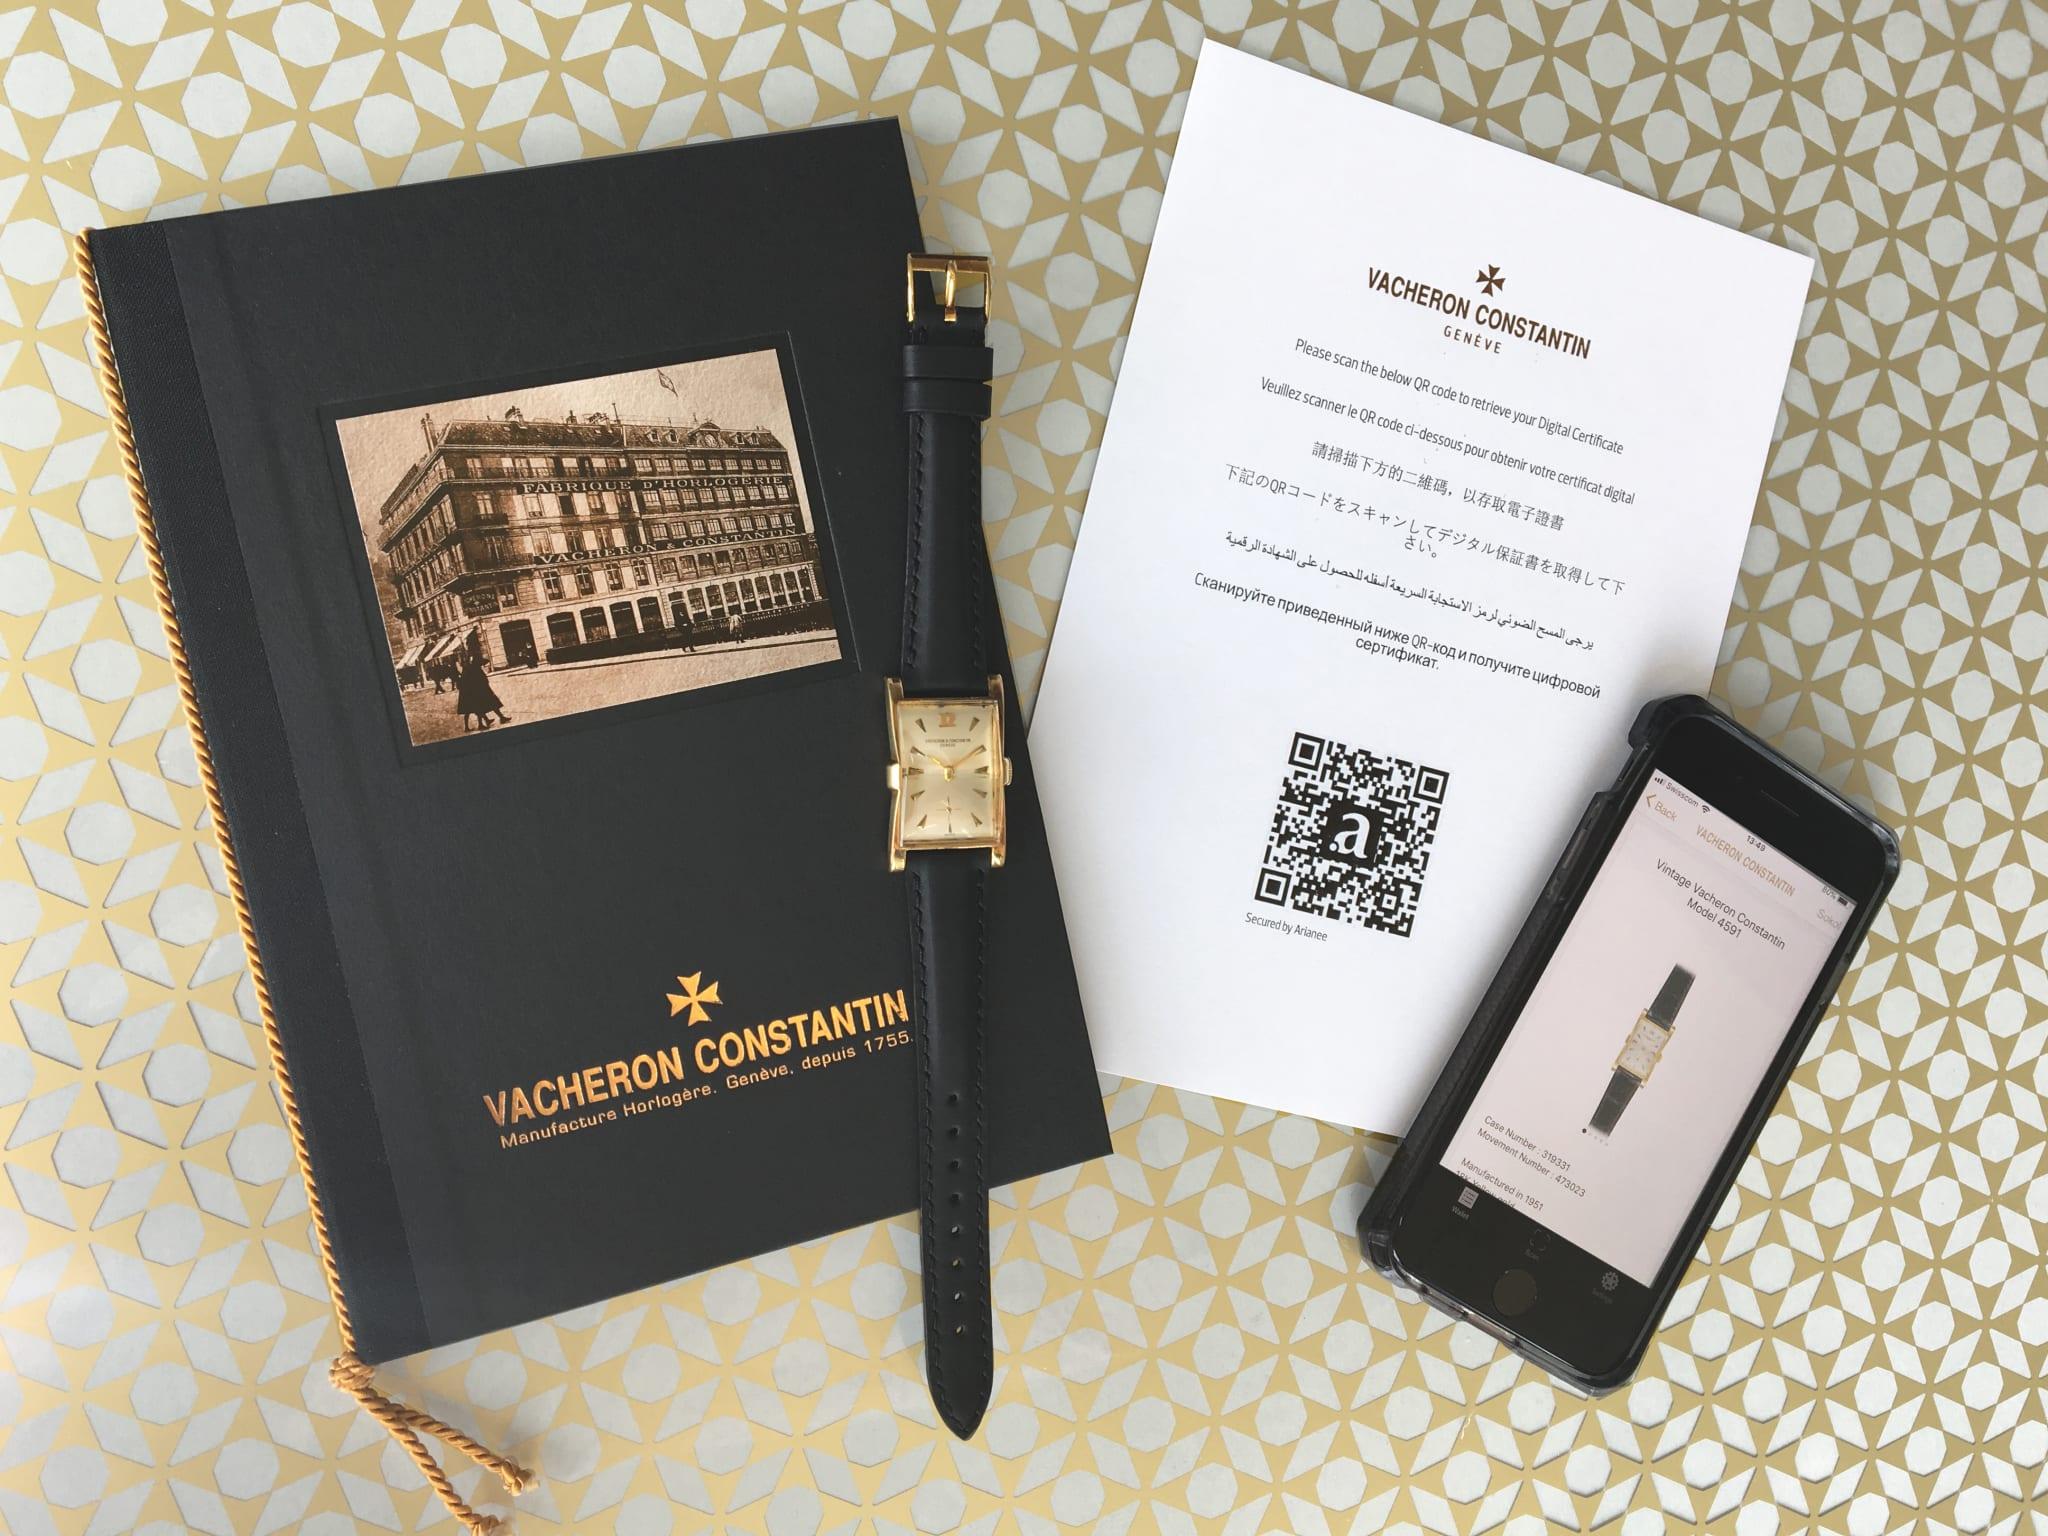 vac-blockchain-arianee-630988